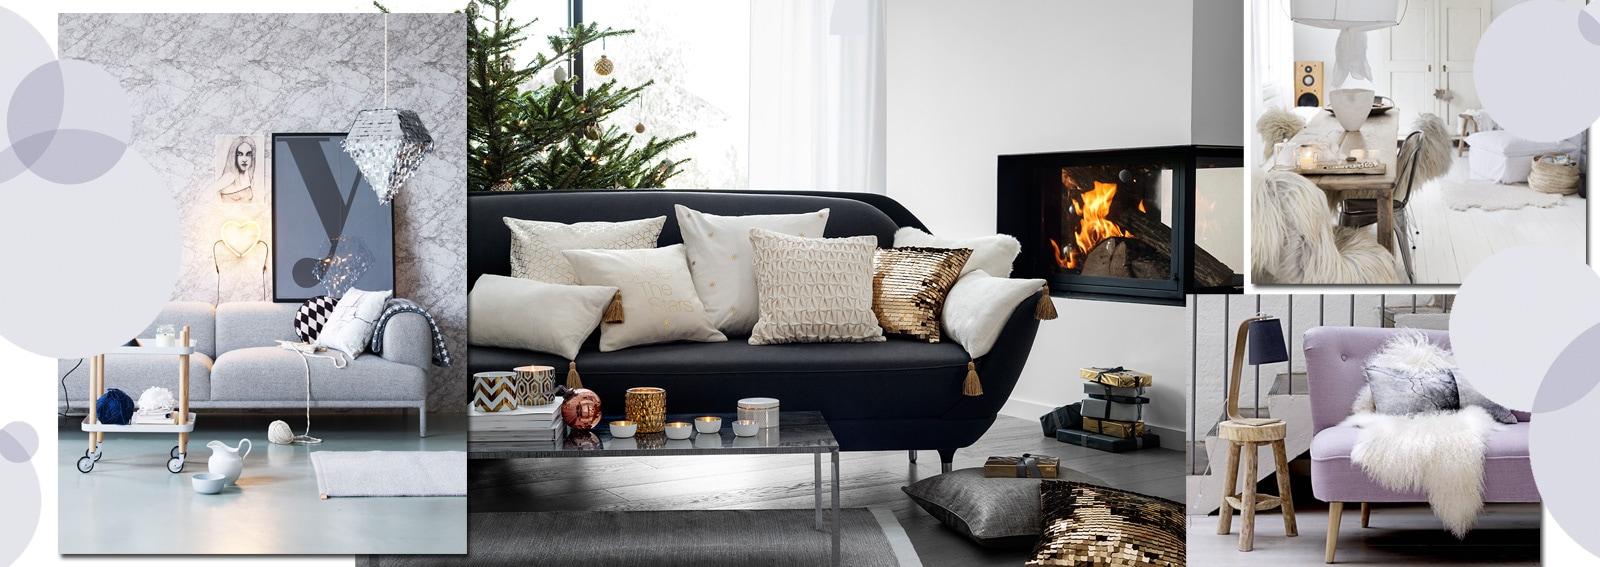 cover-come-decorare-la-casa-in-inverno-desktop